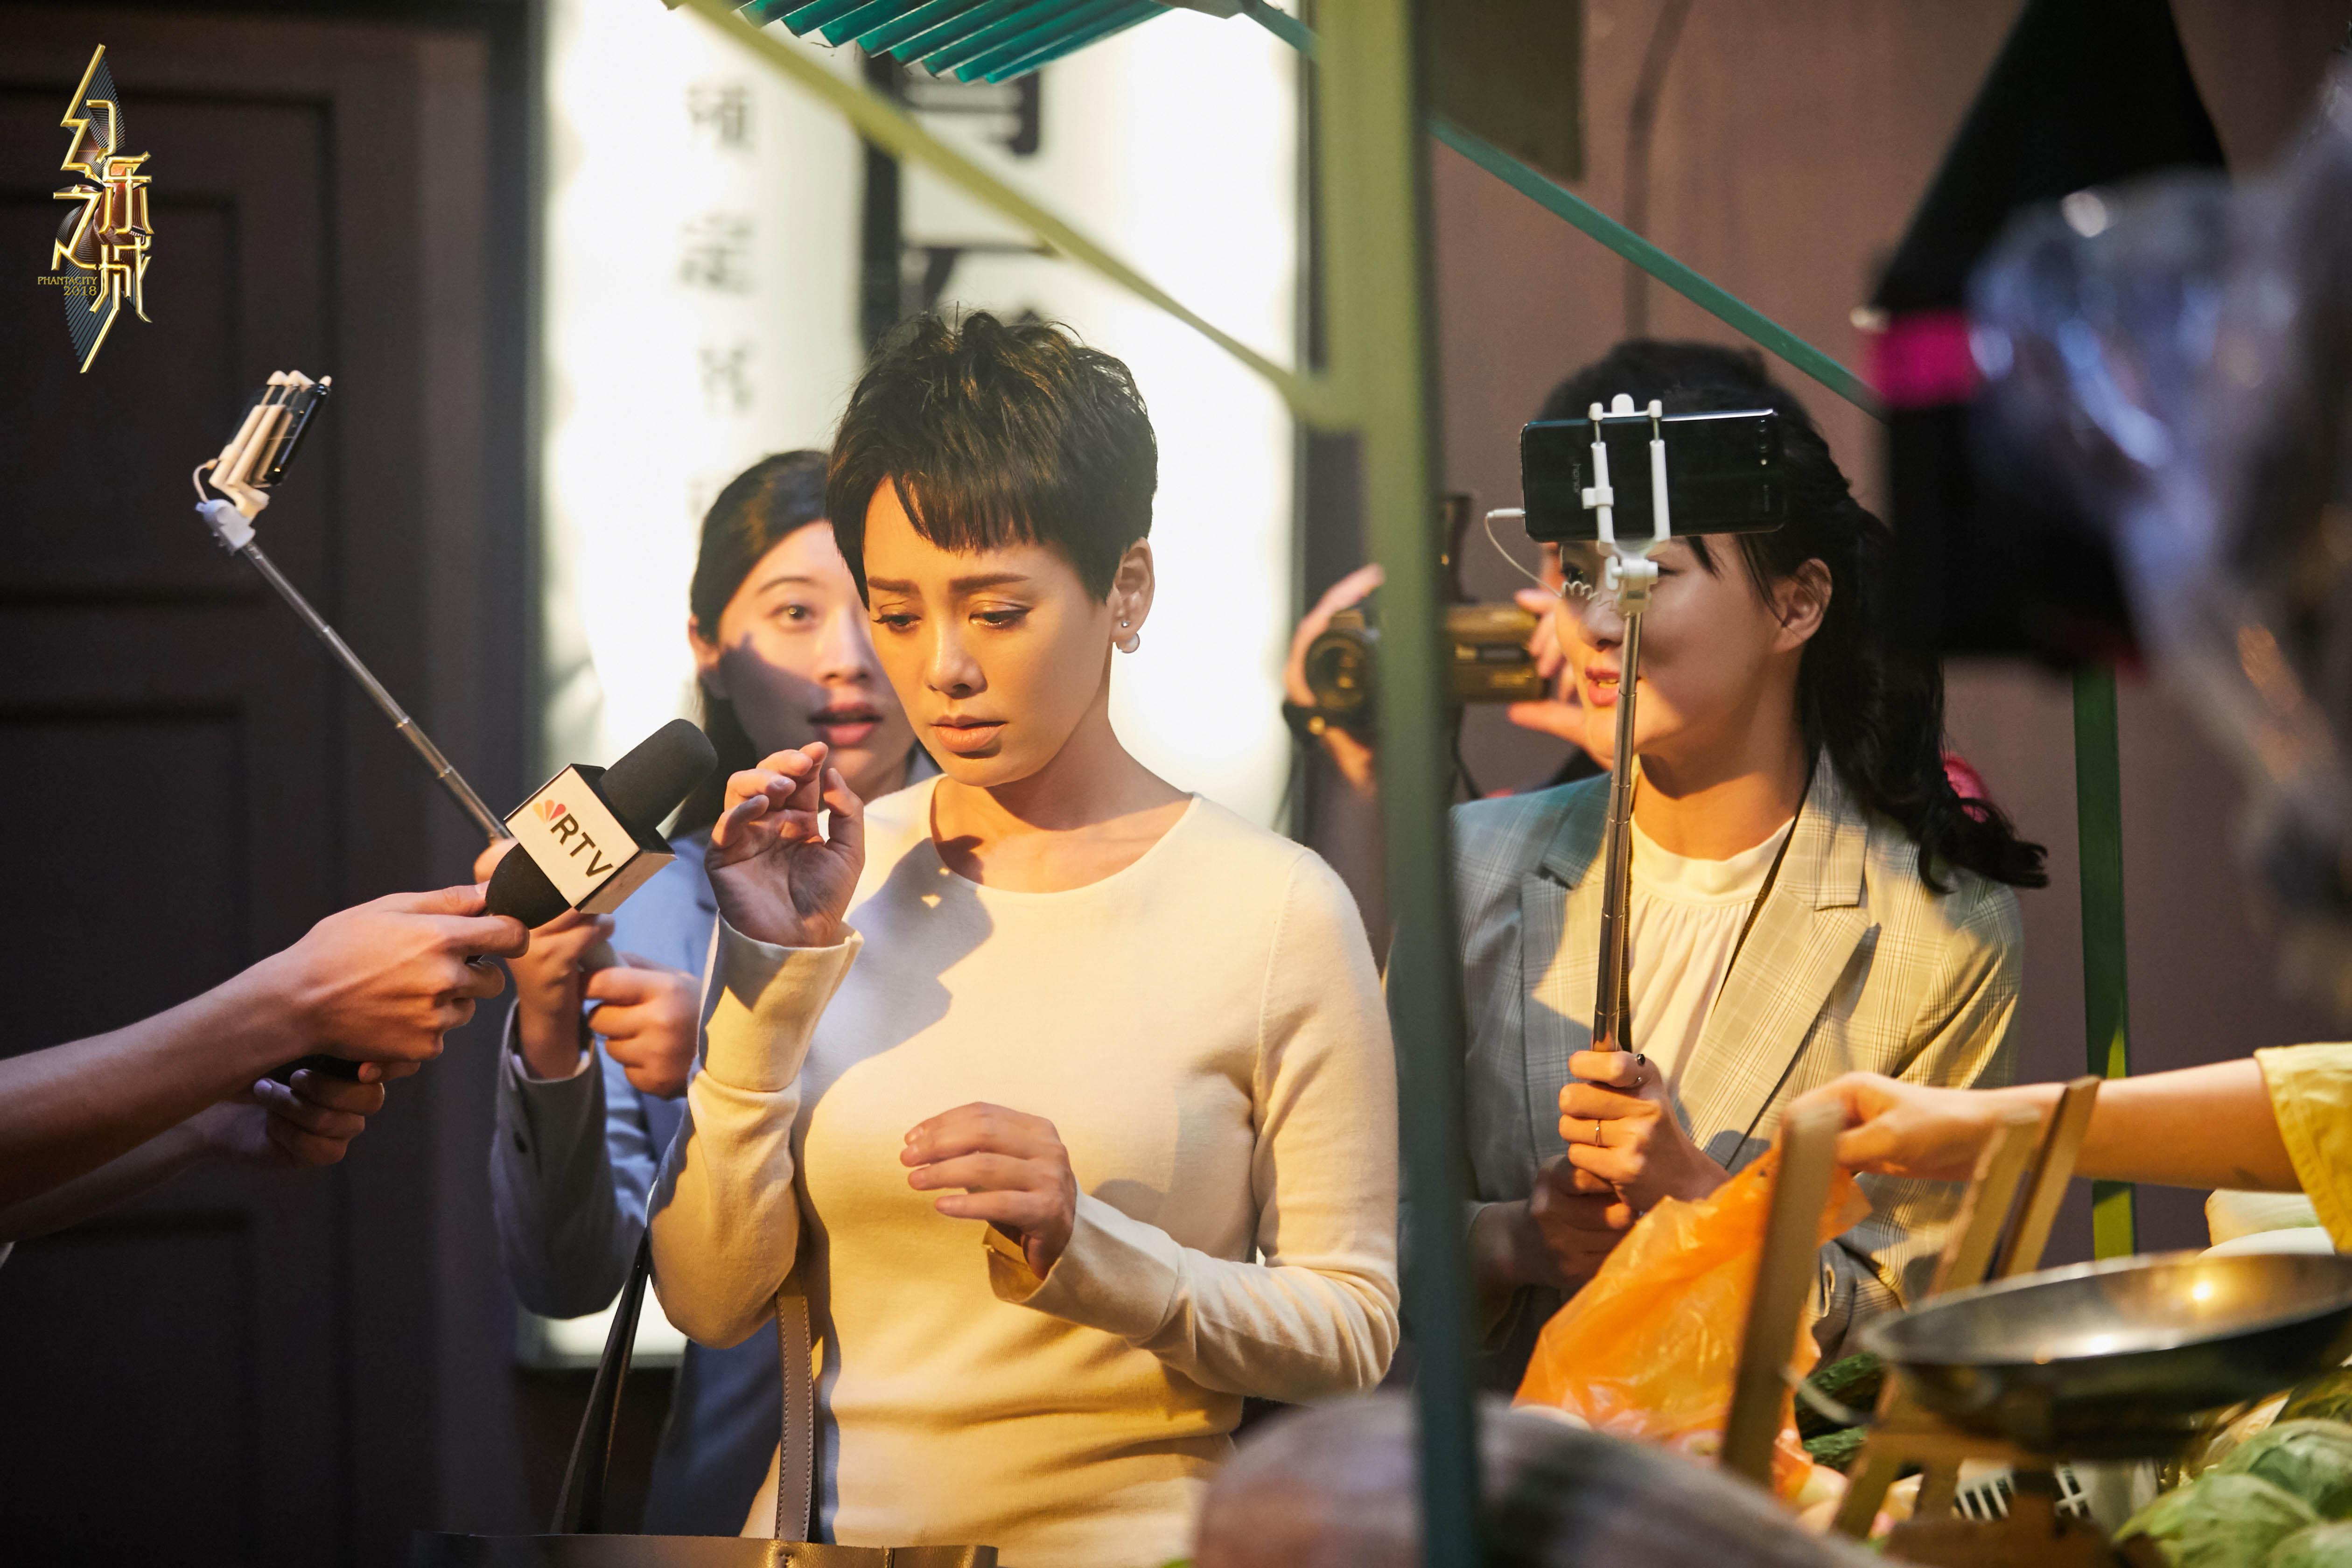 《幻乐之城》朱一龙搭档最小助演 提前见面培养默契